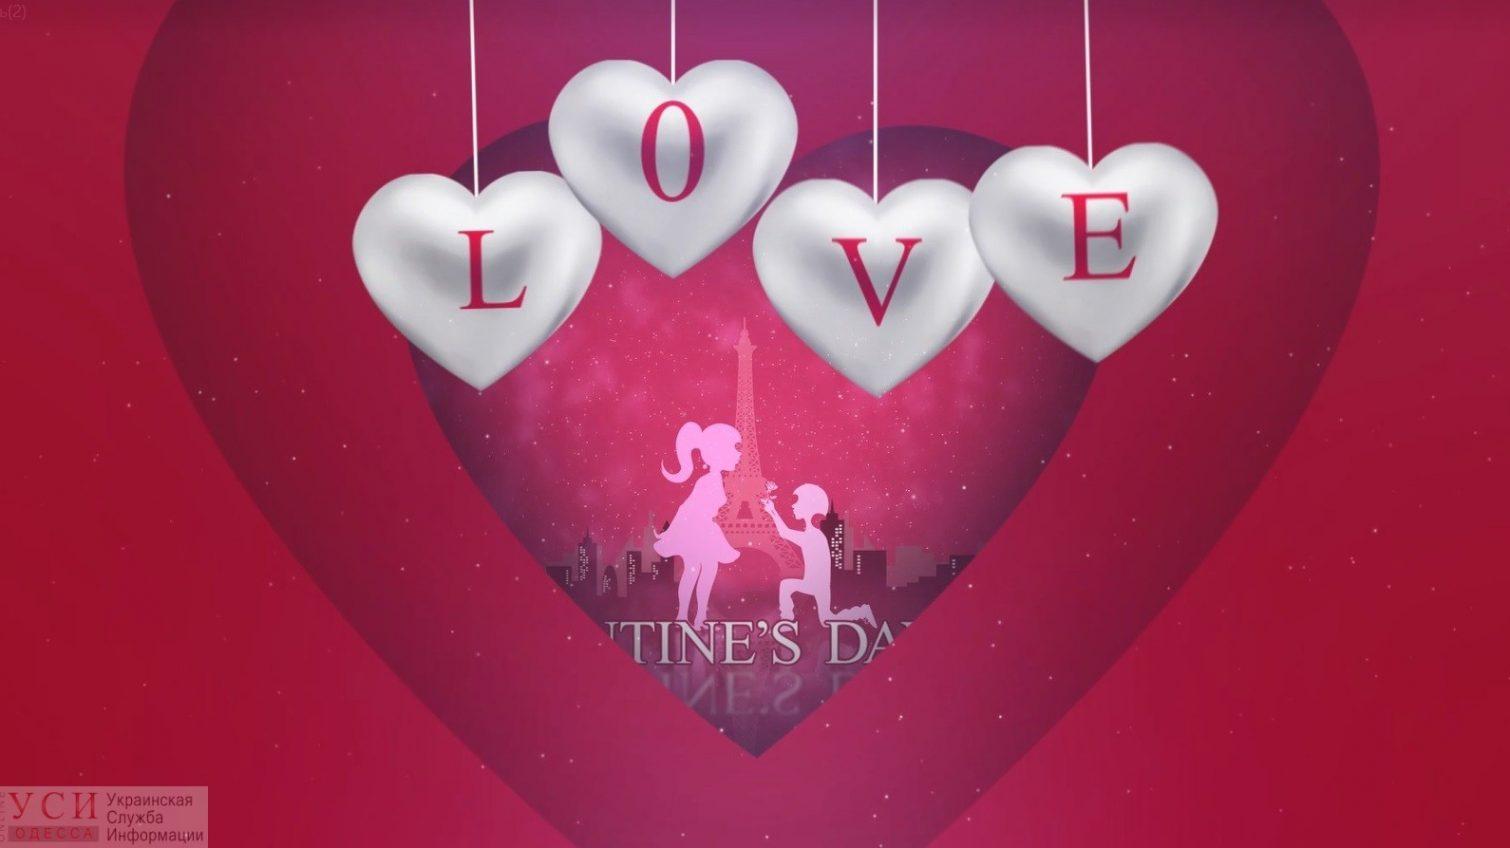 «Влюбленные девочки смотрят косо», – дети рассказали УСИ о любви (видео) «фото»